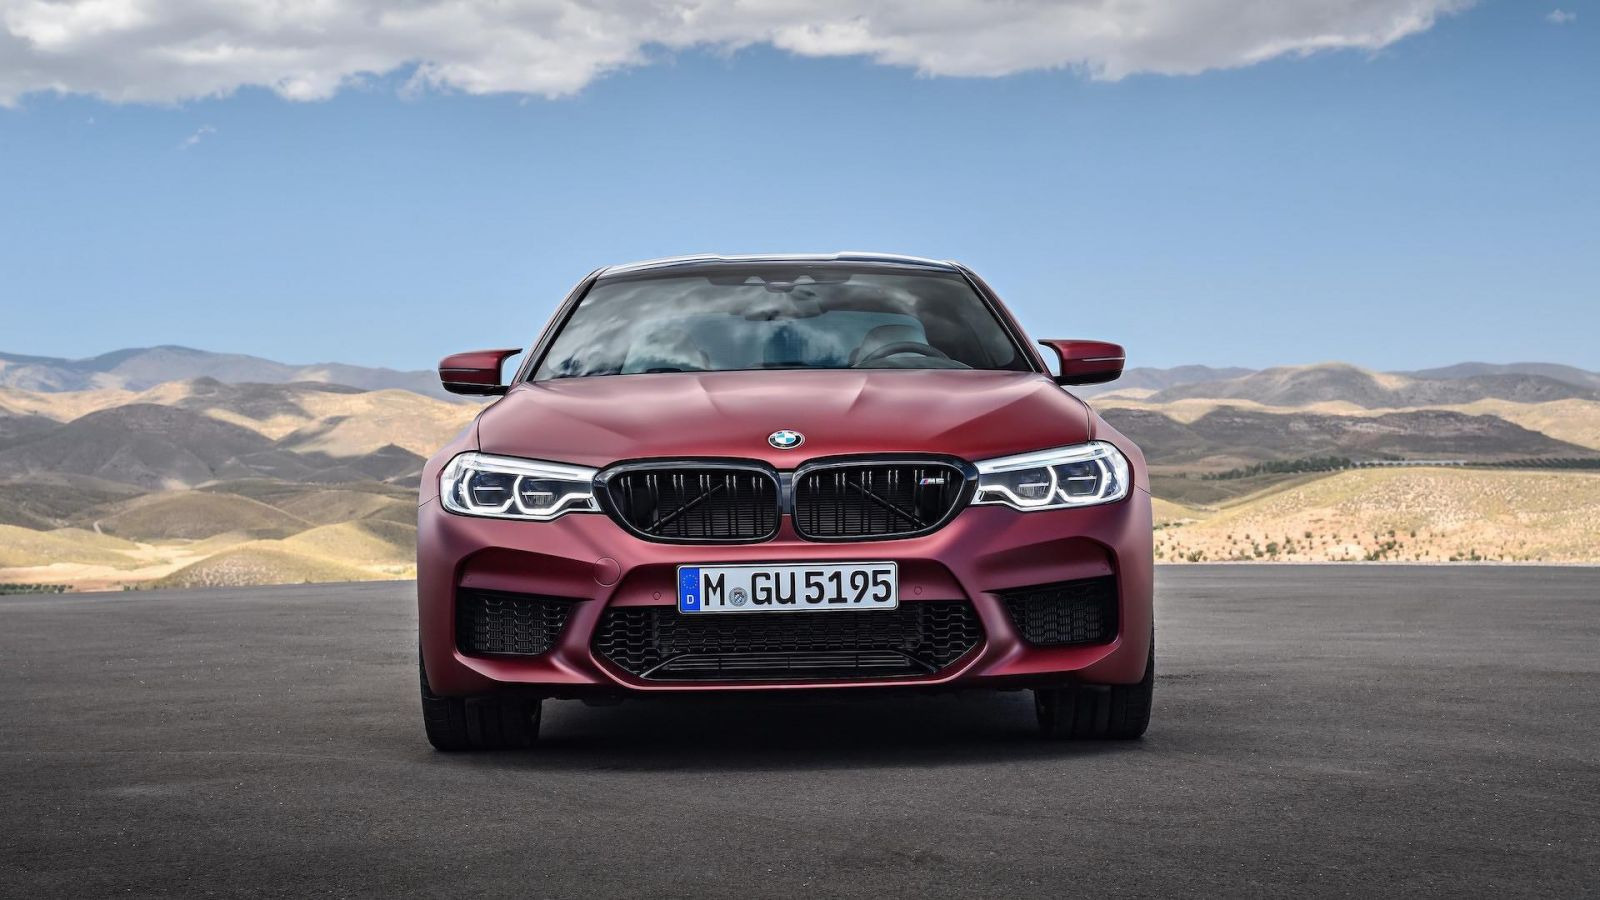 GIÁ XE BMW M5 600 MÃ LỰC KHI VỀ VIỆT NAM BAO NHIÊU